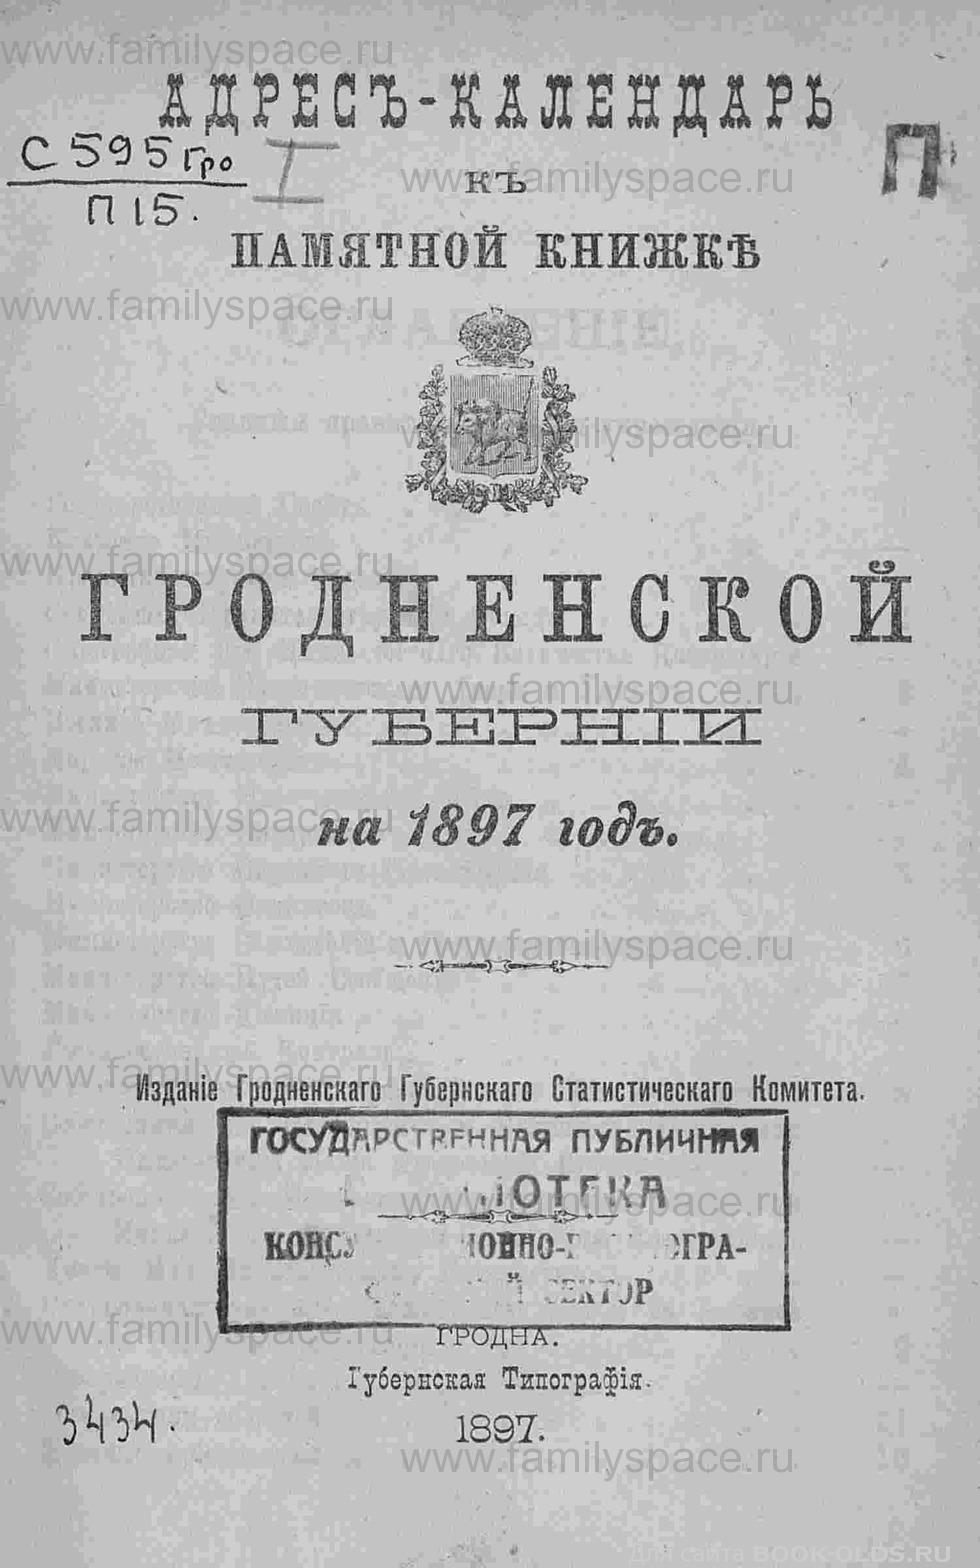 Поиск по фамилии - Адрес-календарь и памятная книжка Гродненской губернии на 1897 г, страница 5